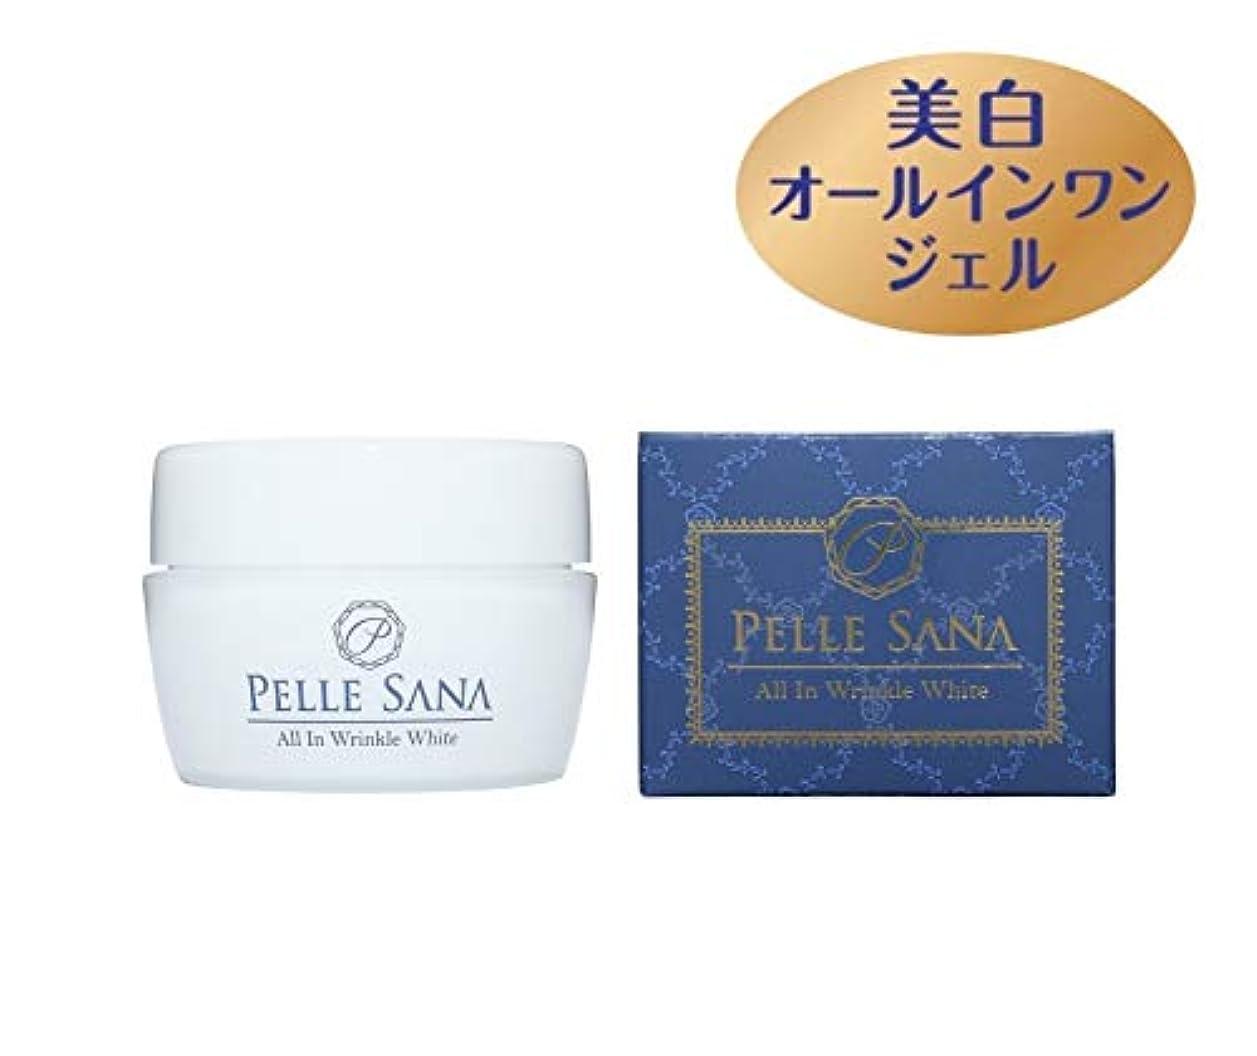 雑品メガロポリスコンソール【薬用オールインワンジェル】PELLE SANA (ペレサナ) All In Winkle White 100g